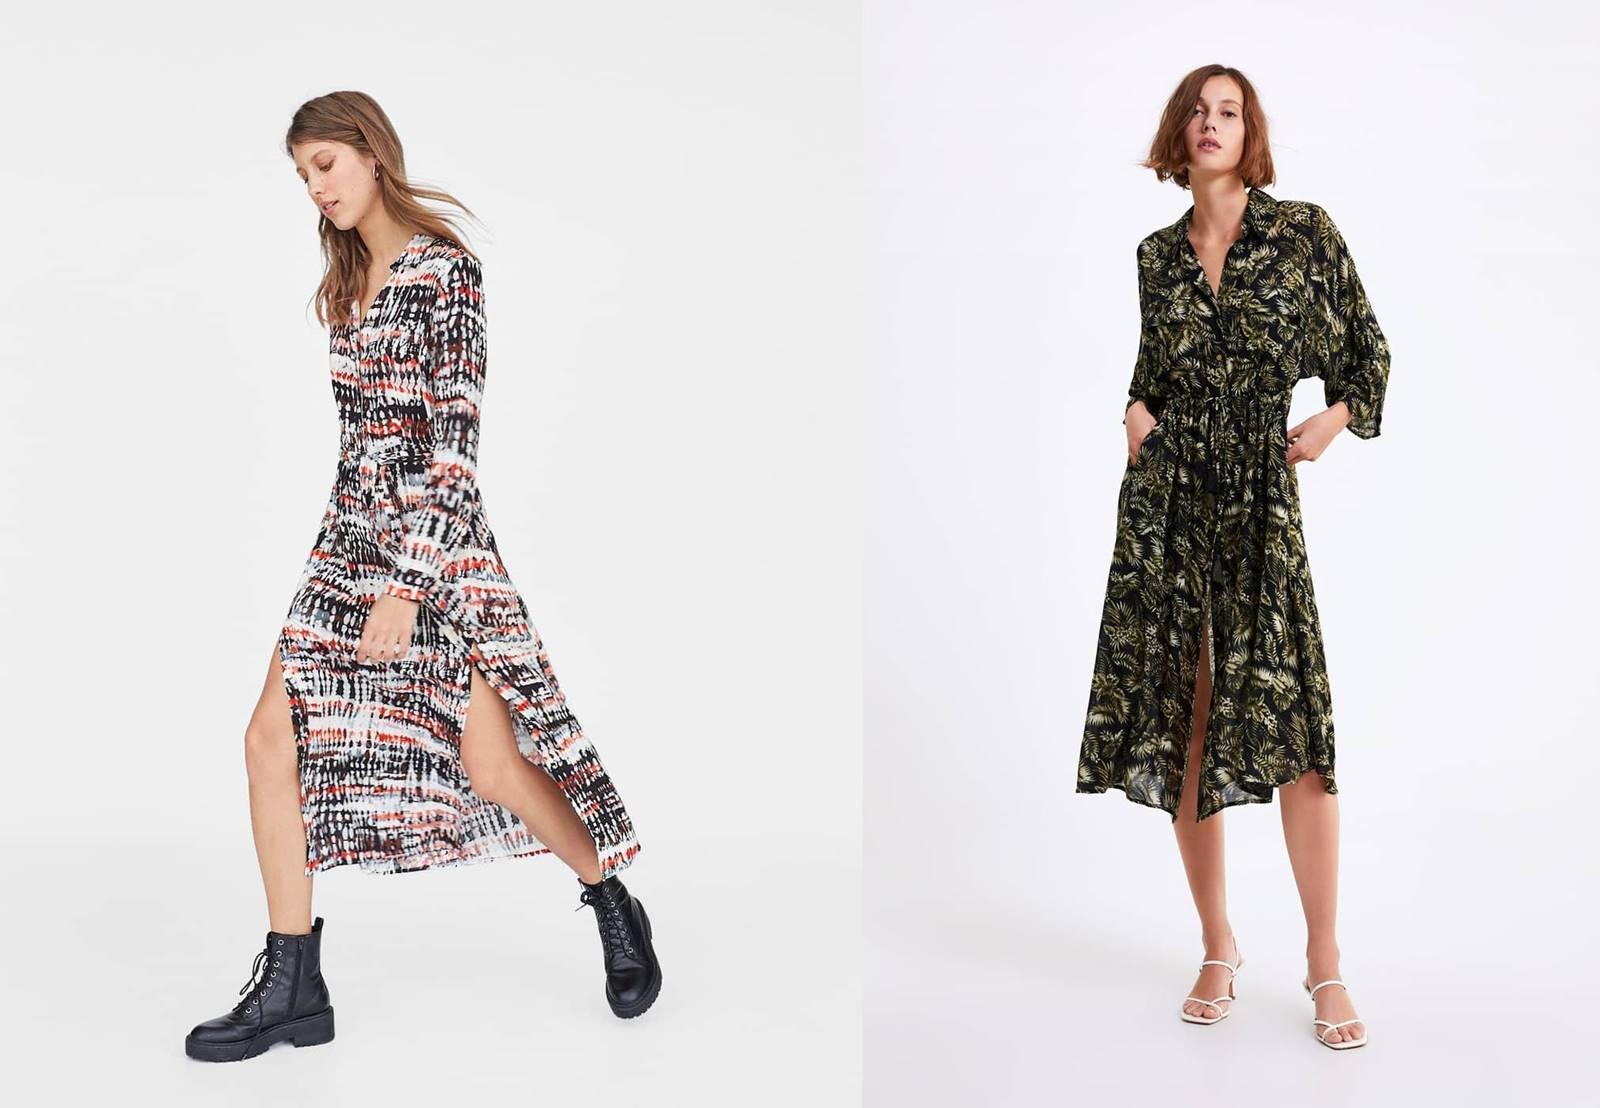 Gdzie można kupić najmodniejsze sukienki maxi? Tureckie wzory, grochy, kwiaty, informacje o sieciówkach, czy sklepy inditex znikną z Polski?